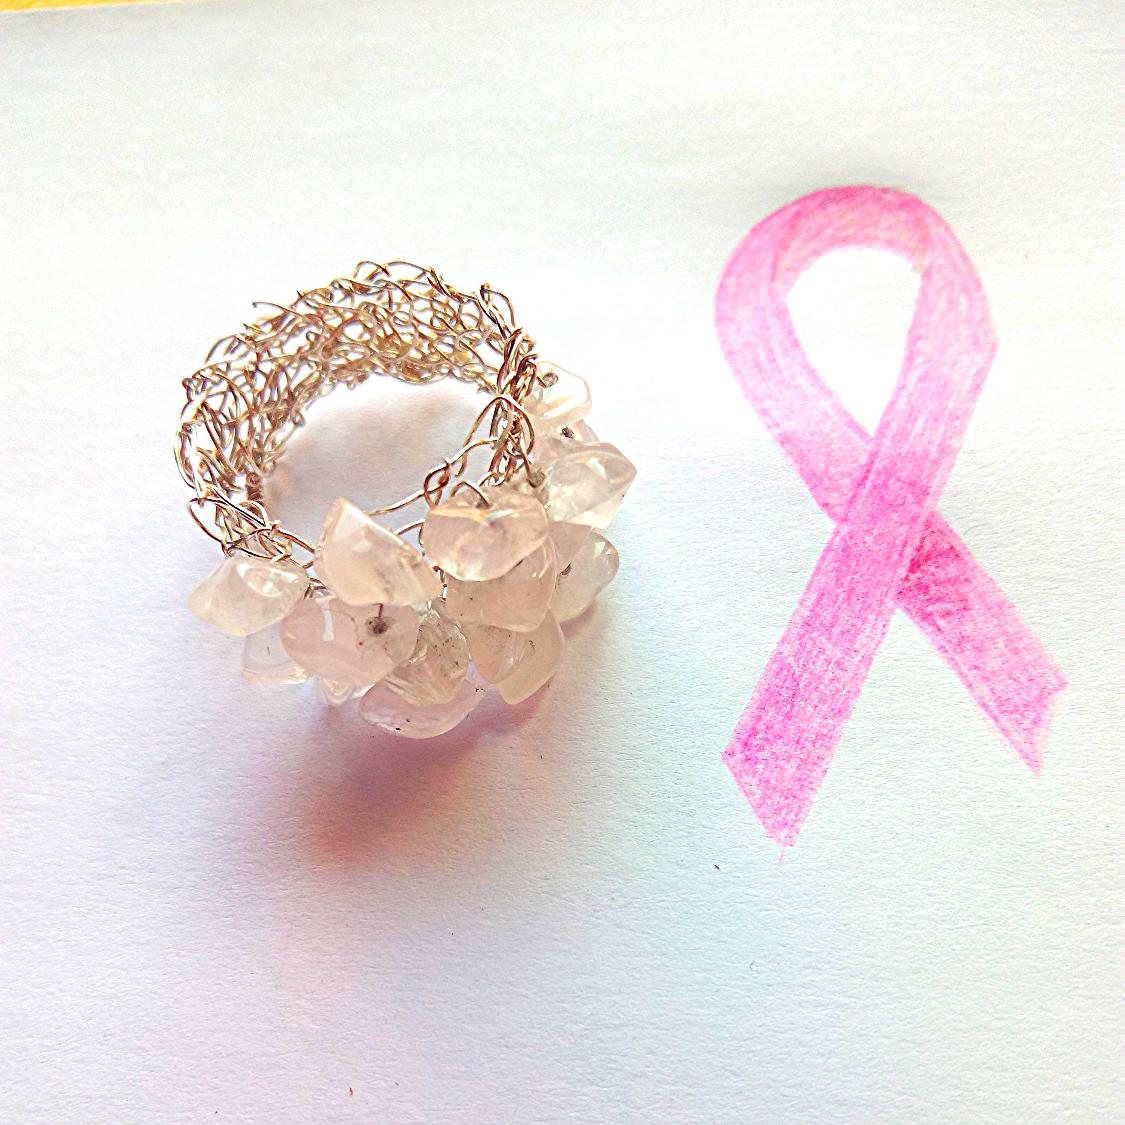 Plata y cuarzo rosa.